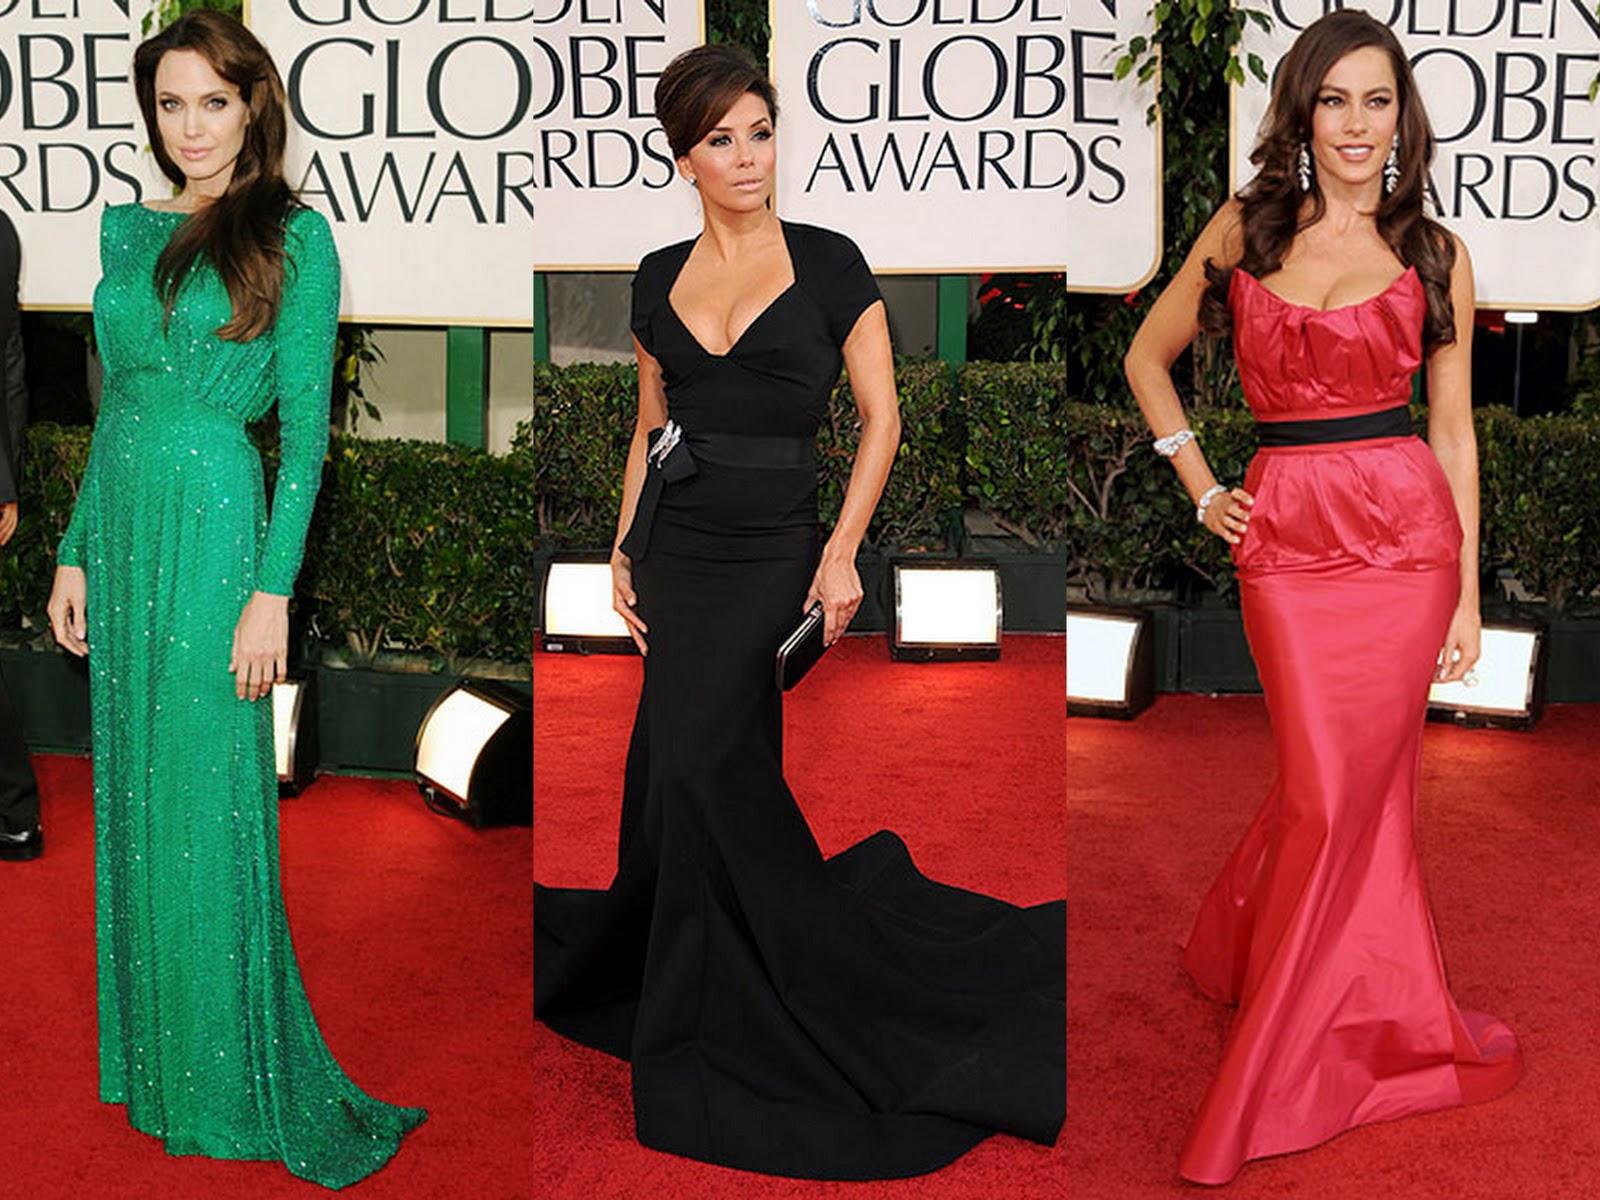 http://4.bp.blogspot.com/_SXPM6rpk-Ls/TTR8GN5rTKI/AAAAAAAAALU/WqbDh7hzD5o/s1600/Best+dressed+golden+globes.jpg